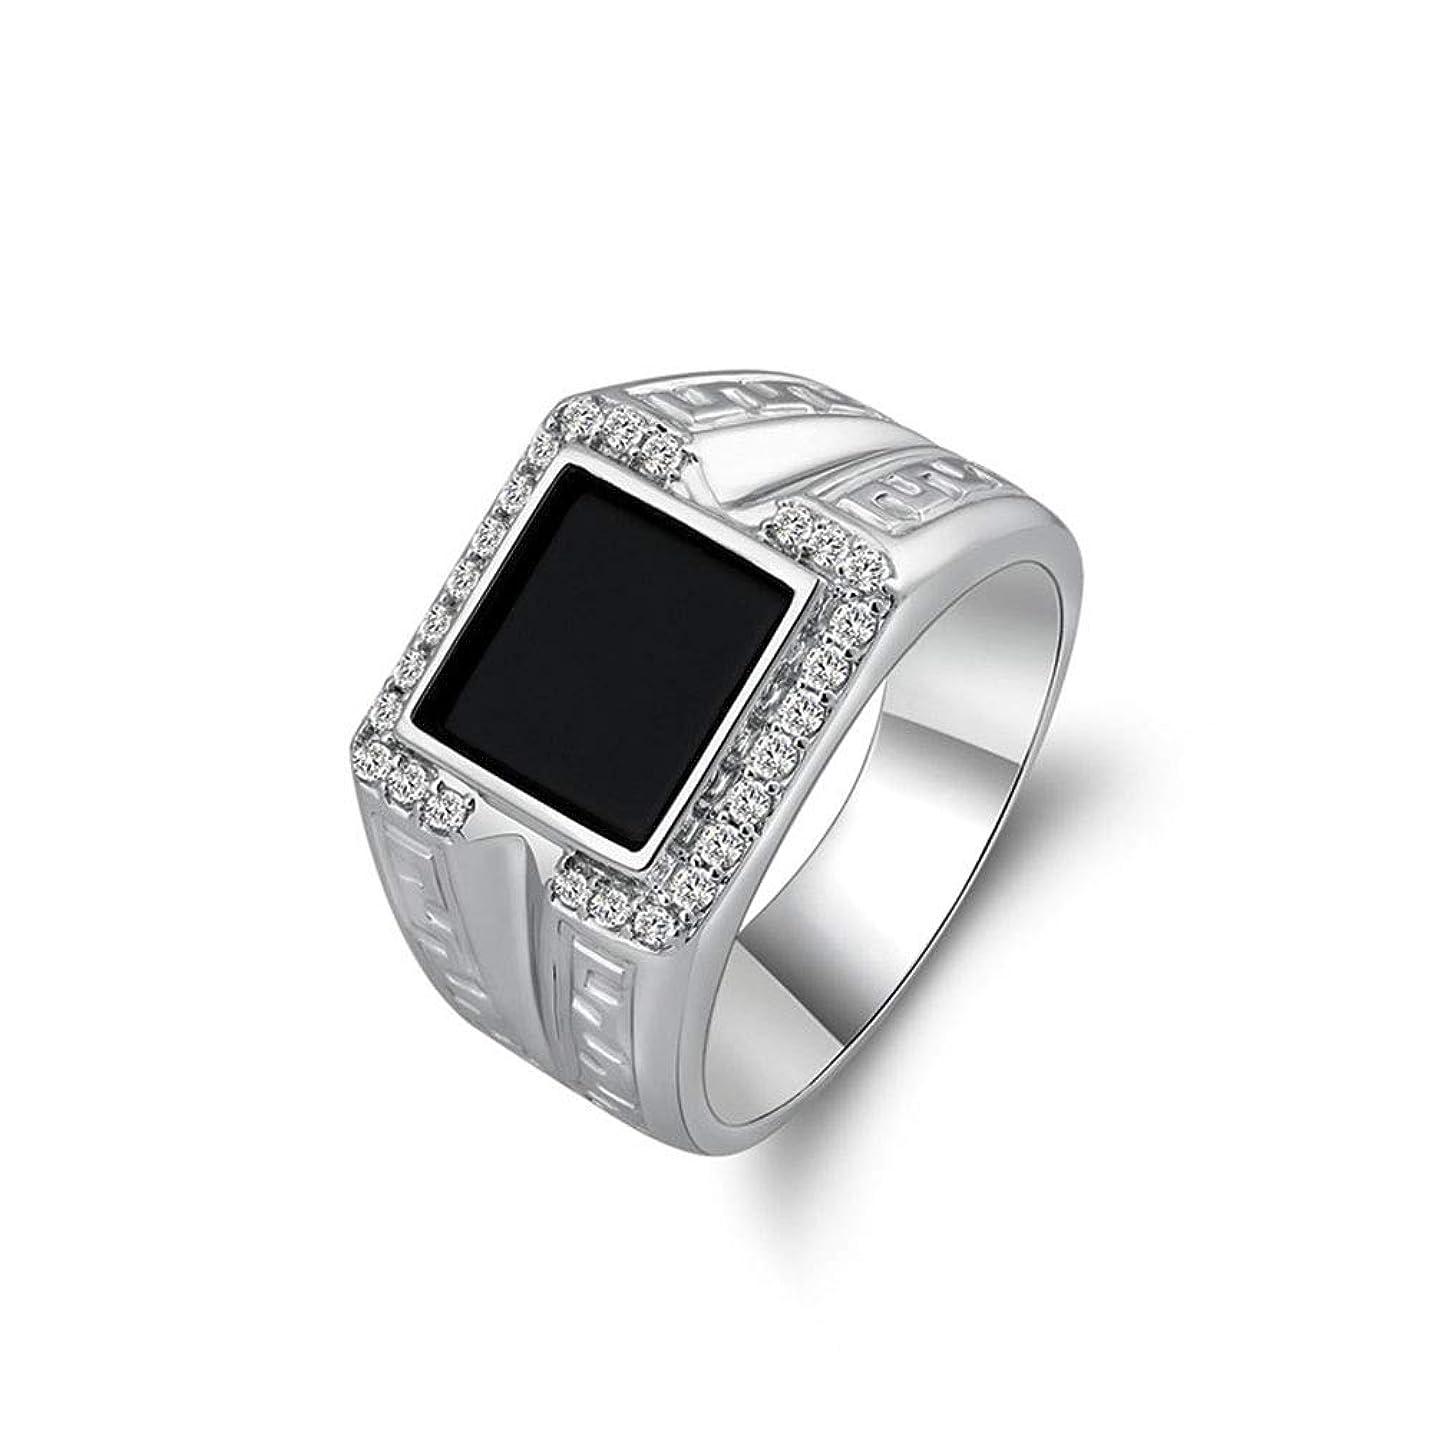 肉の医薬思われるJPAKIOS 男性のための925の純銀製の宝石類のステンレス鋼リング (色 : ホワイト)